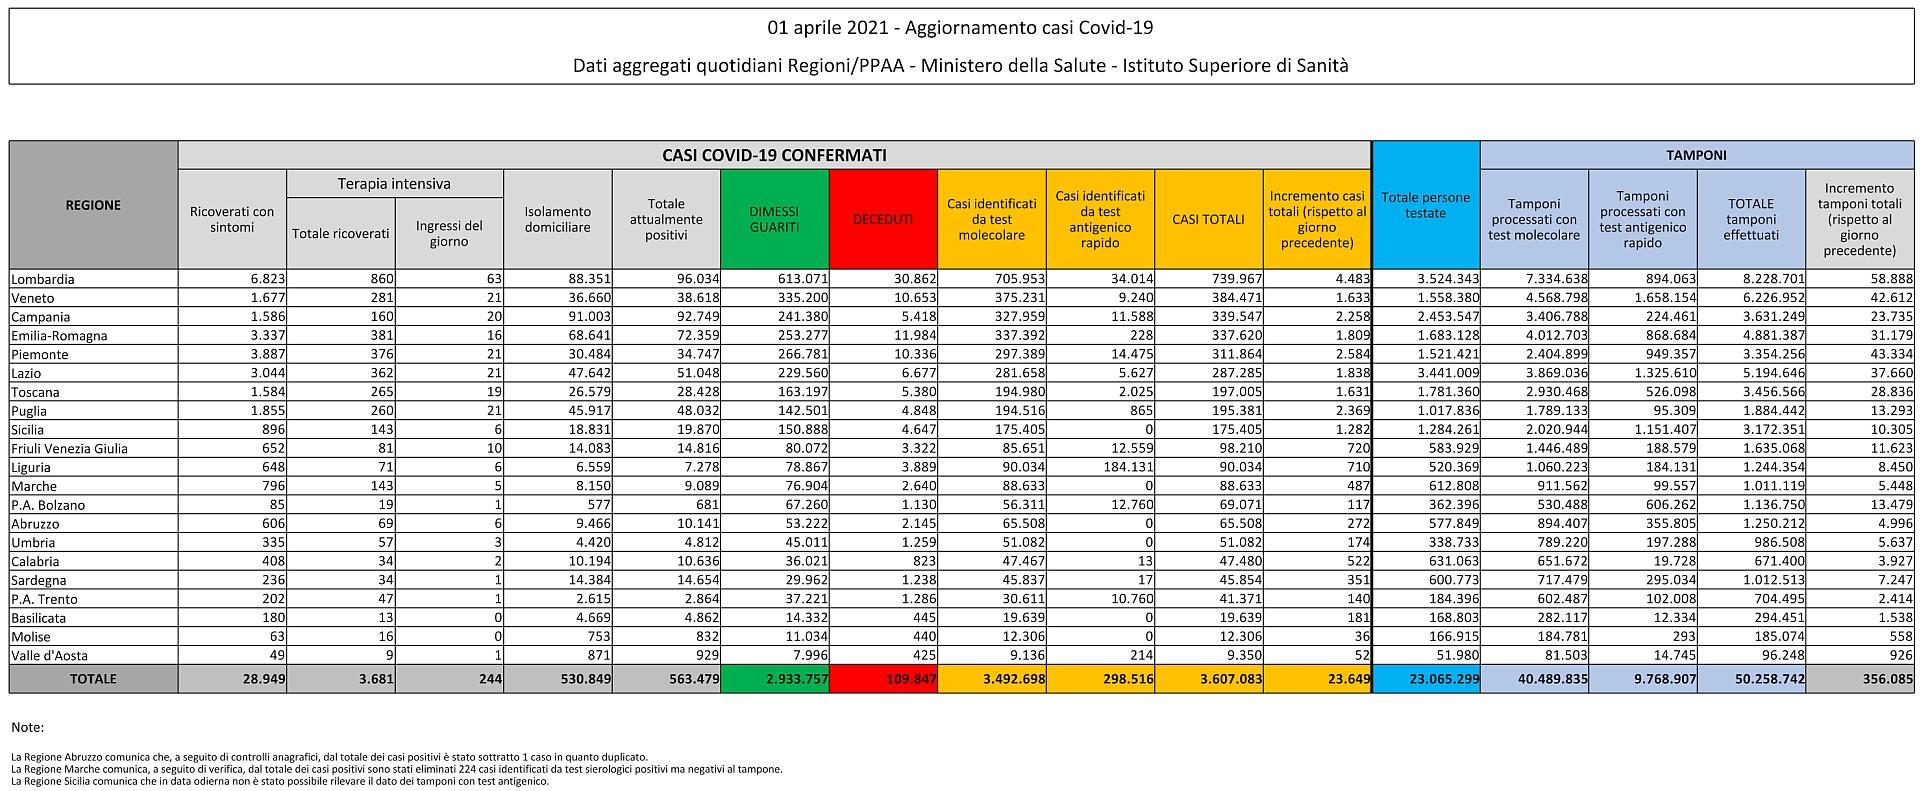 1° aprile 2021 - Aggiornamento casi Covid-19 Dati aggregati quotidiani Regioni/PPAA - Ministero della Salute - Istituto Superiore di Sanità